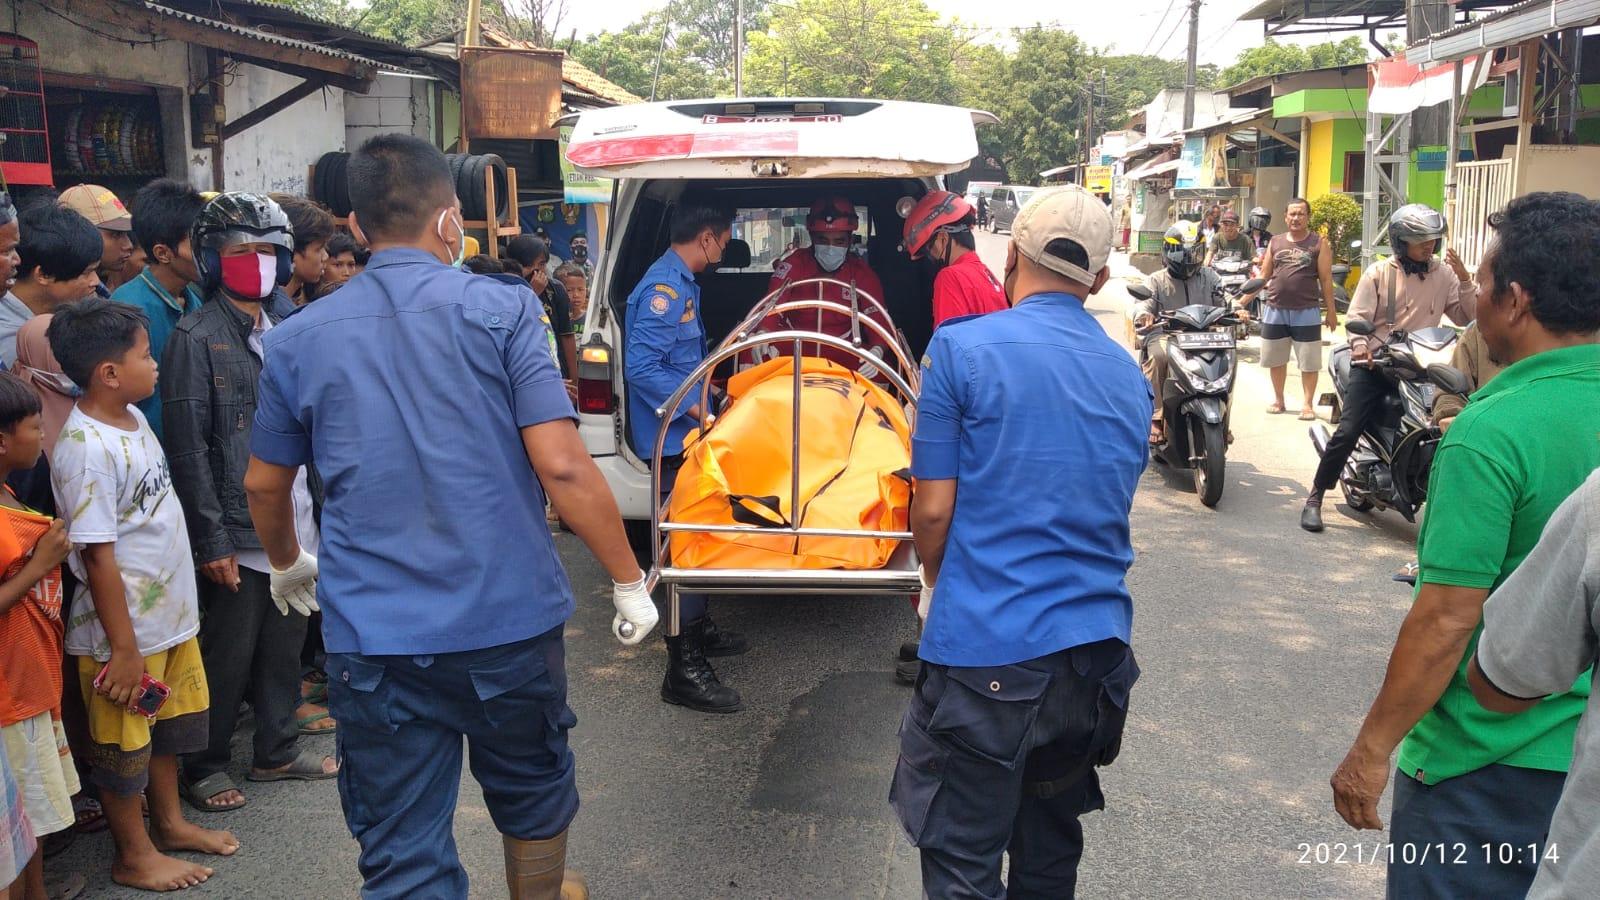 Jenazah seorang pria manusia silver yang sempat tenggelam dua hari akhirnya ditemukan di Sungai Cisadane, Kota Tangerang.